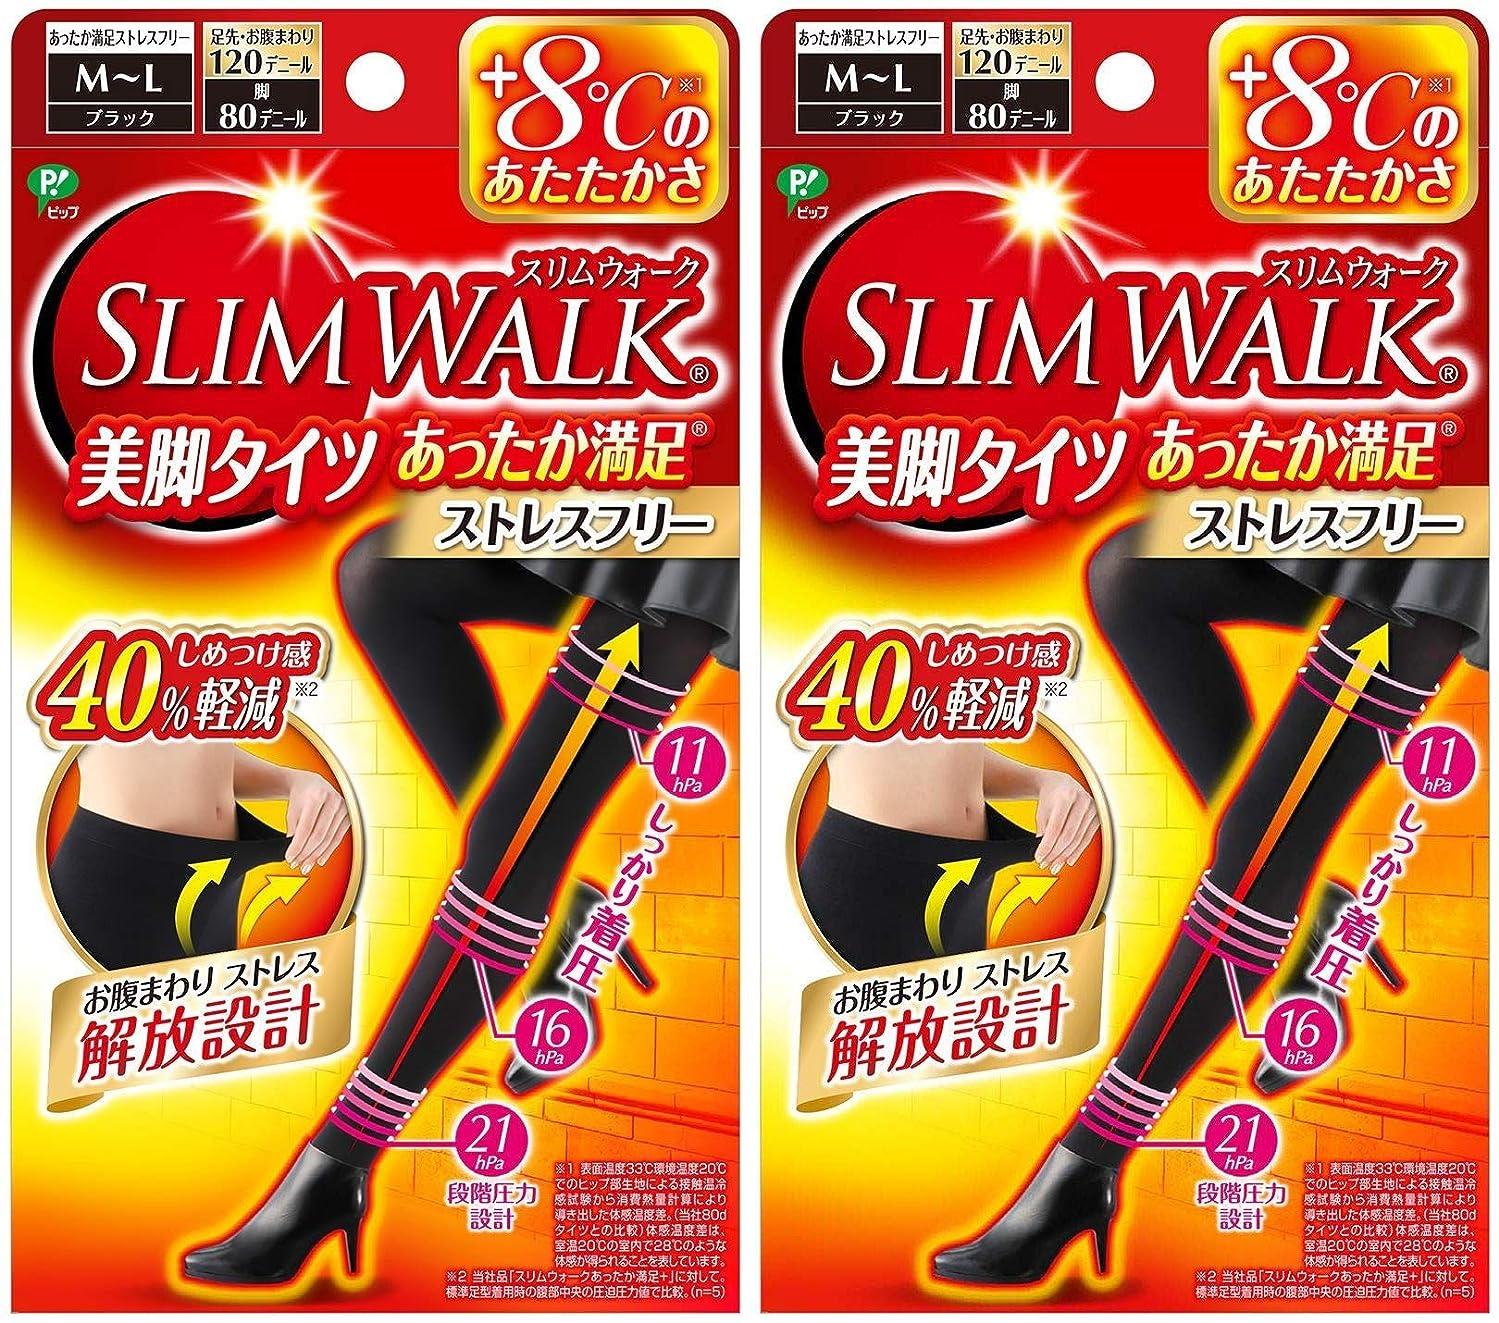 天気クラフトハグ【2個セット】 スリムウォーク (SLIM WALK) 美脚タイツ あったか満足 おそと用 M~Lサイズ